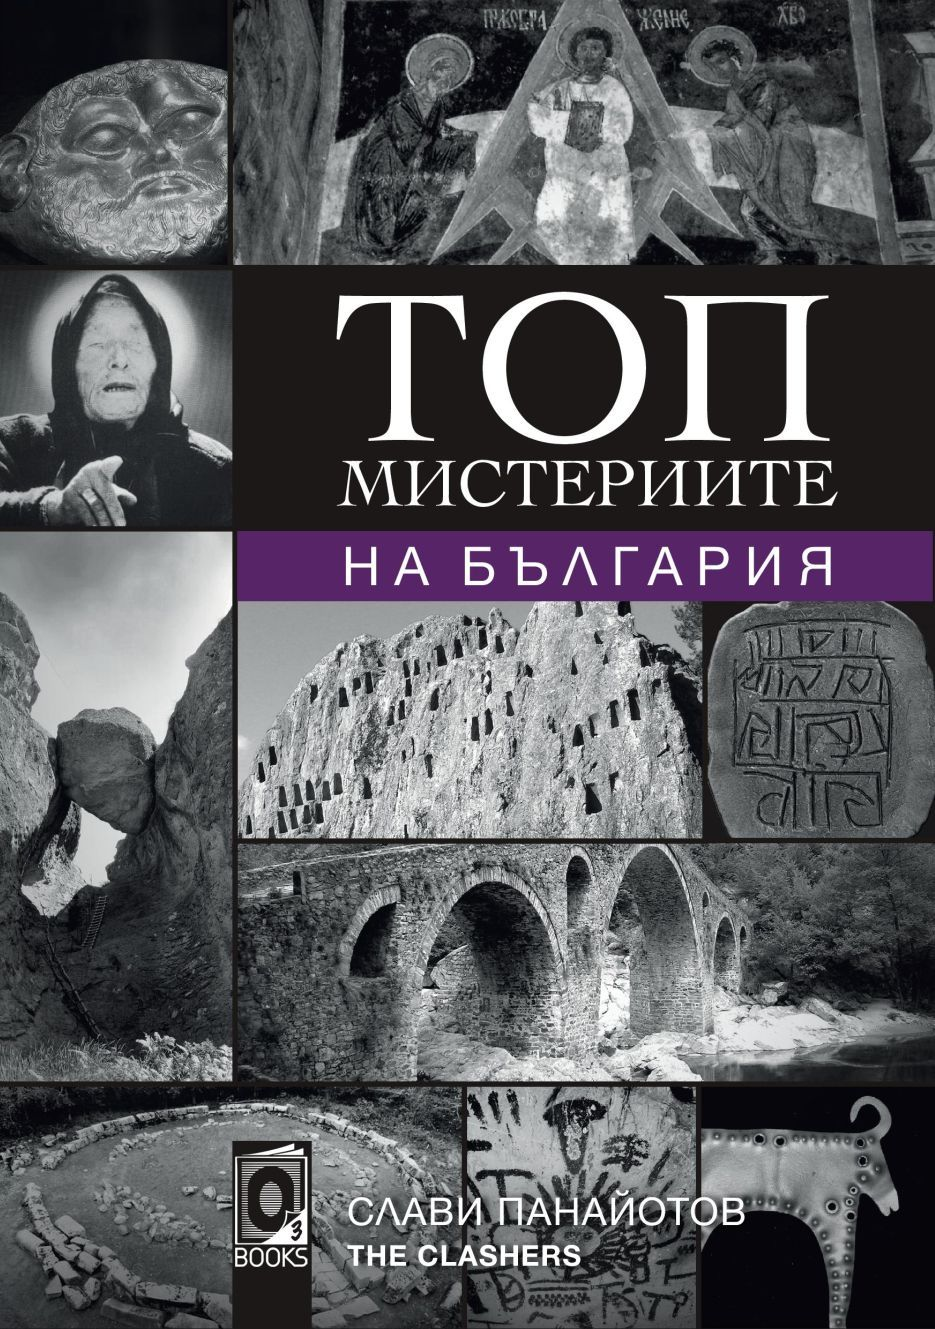 Топ мистериите на България - 1